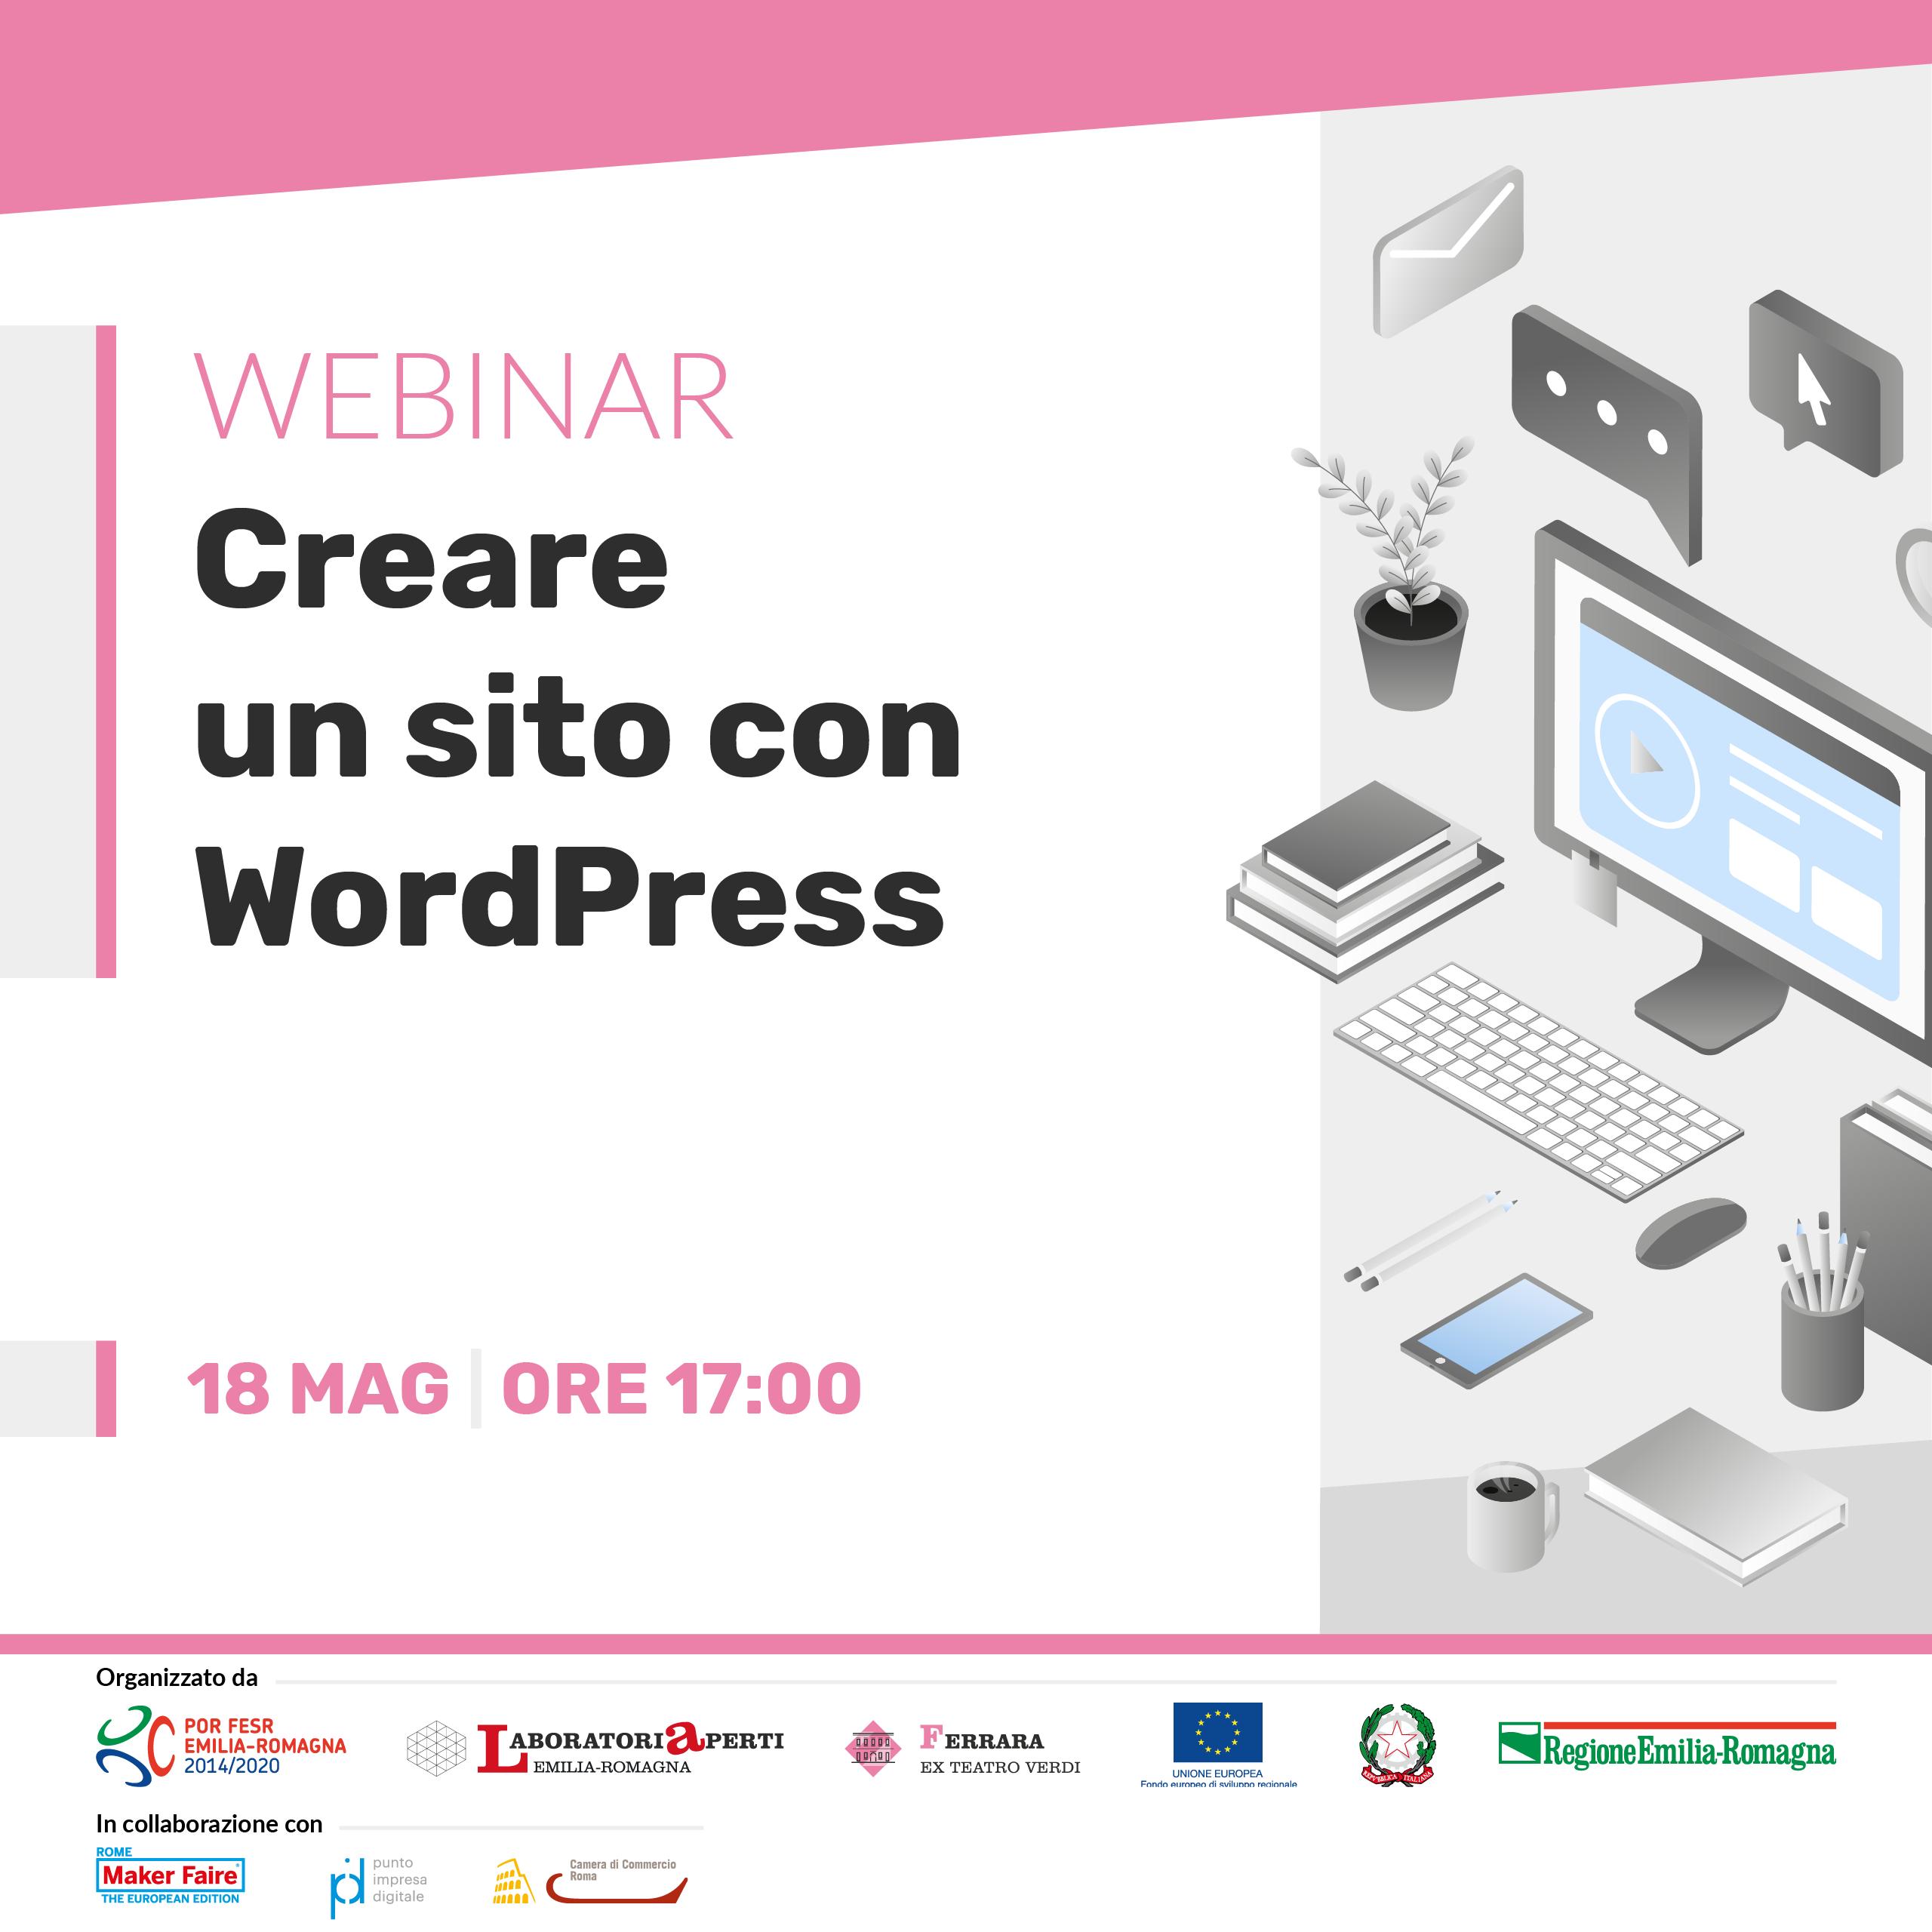 Webinar: Creare un sito con WordPress | 18 maggio h 17:00